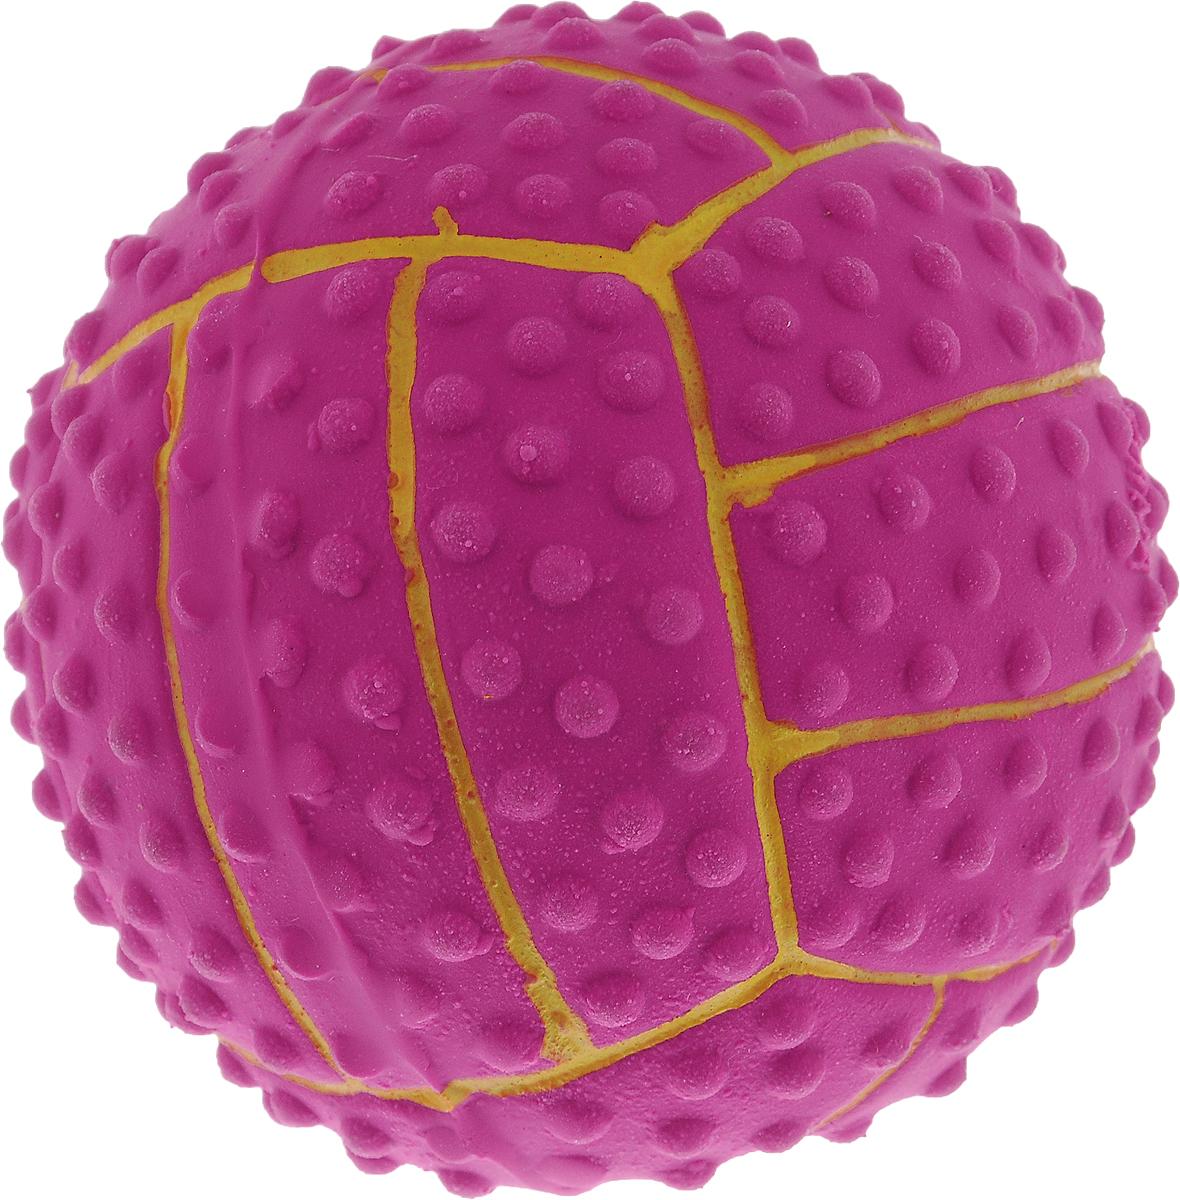 Игрушка для собак Dezzie Мяч. Волейбол, с пищалкой, диаметр 7,5 см0120710Игрушка для собак Dezzie Мяч. Волейбол изготовлена из латекса в виде волейбольного мяча и оснащена пищалкой. Латекс не твердеет под действием желудочного сока, поэтому игрушку можно смело покупать даже самым маленьким щенкам. Такая обеспечит досуг собаке и не позволит ей скучать. Она безопасна для здоровья животного. Игрушка очень легкая, поэтому собаке совсем нетрудно брать ее в пасть и переносить с места на место. Игрушка для собак Dezzie Мяч. Волейбол станет прекрасным подарком для неугомонного четвероногого питомца.Диаметр мяча: 7,5 см.